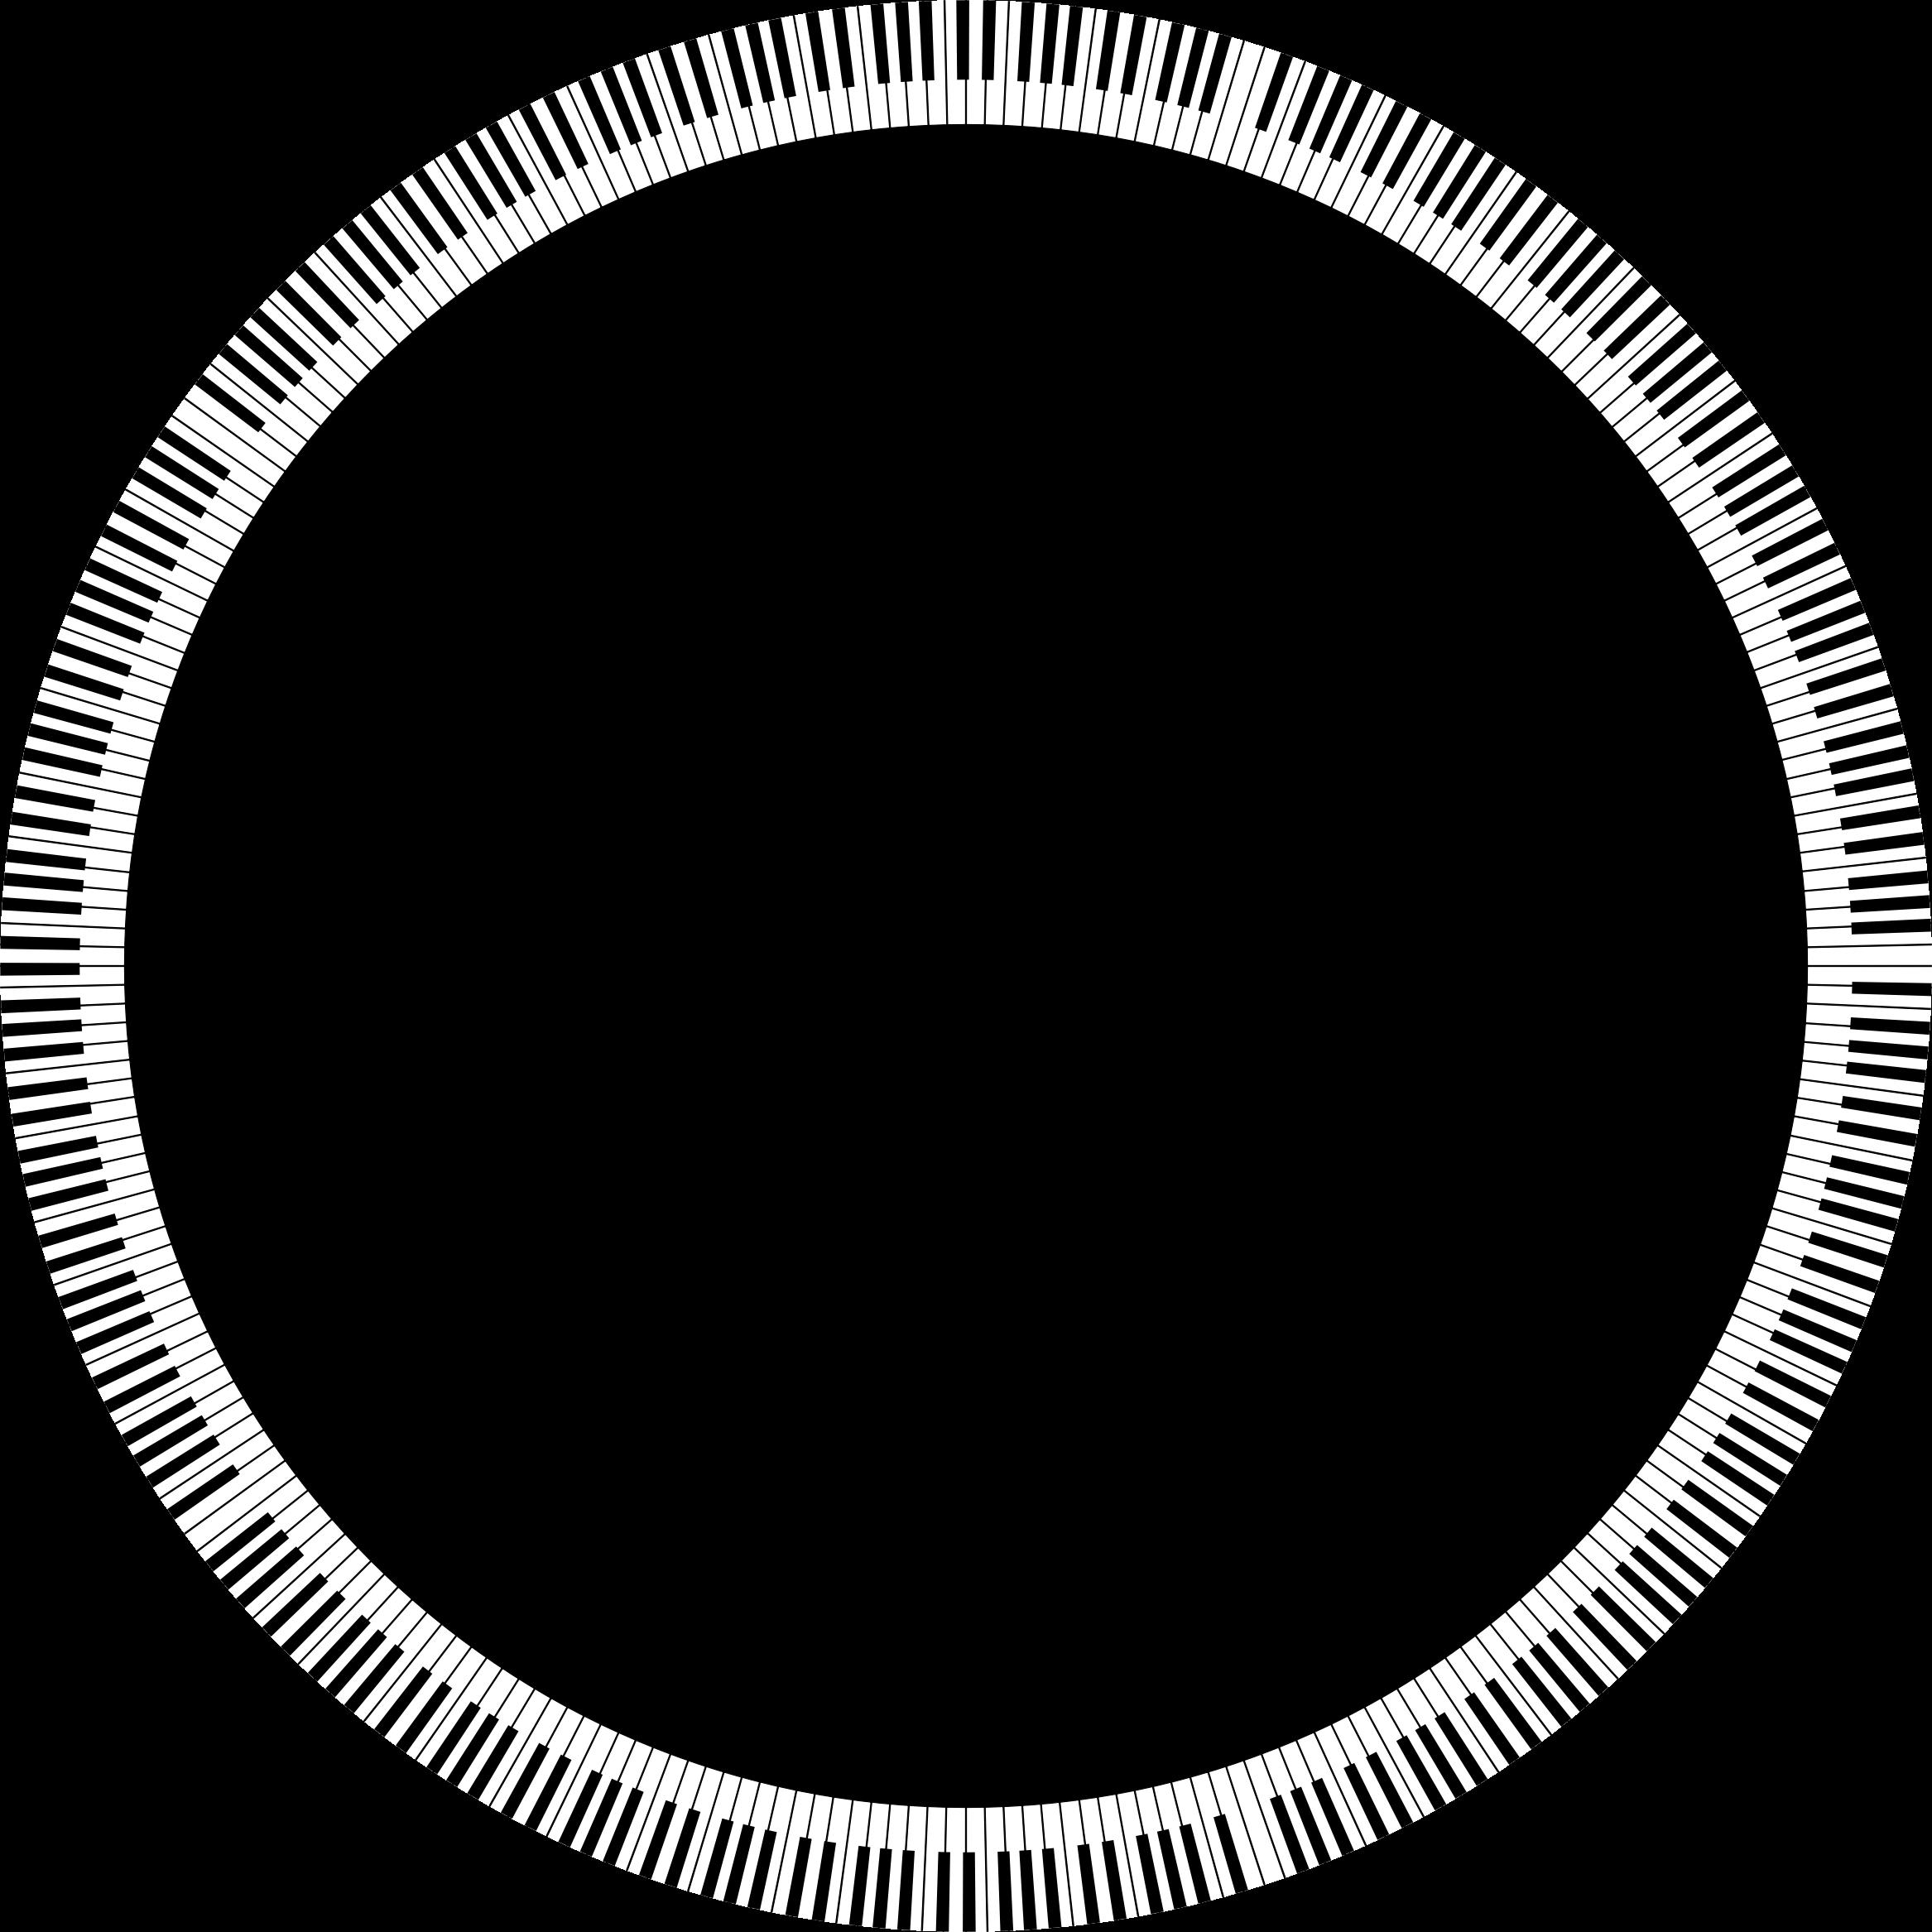 Piano clipart border. Keys circle big image